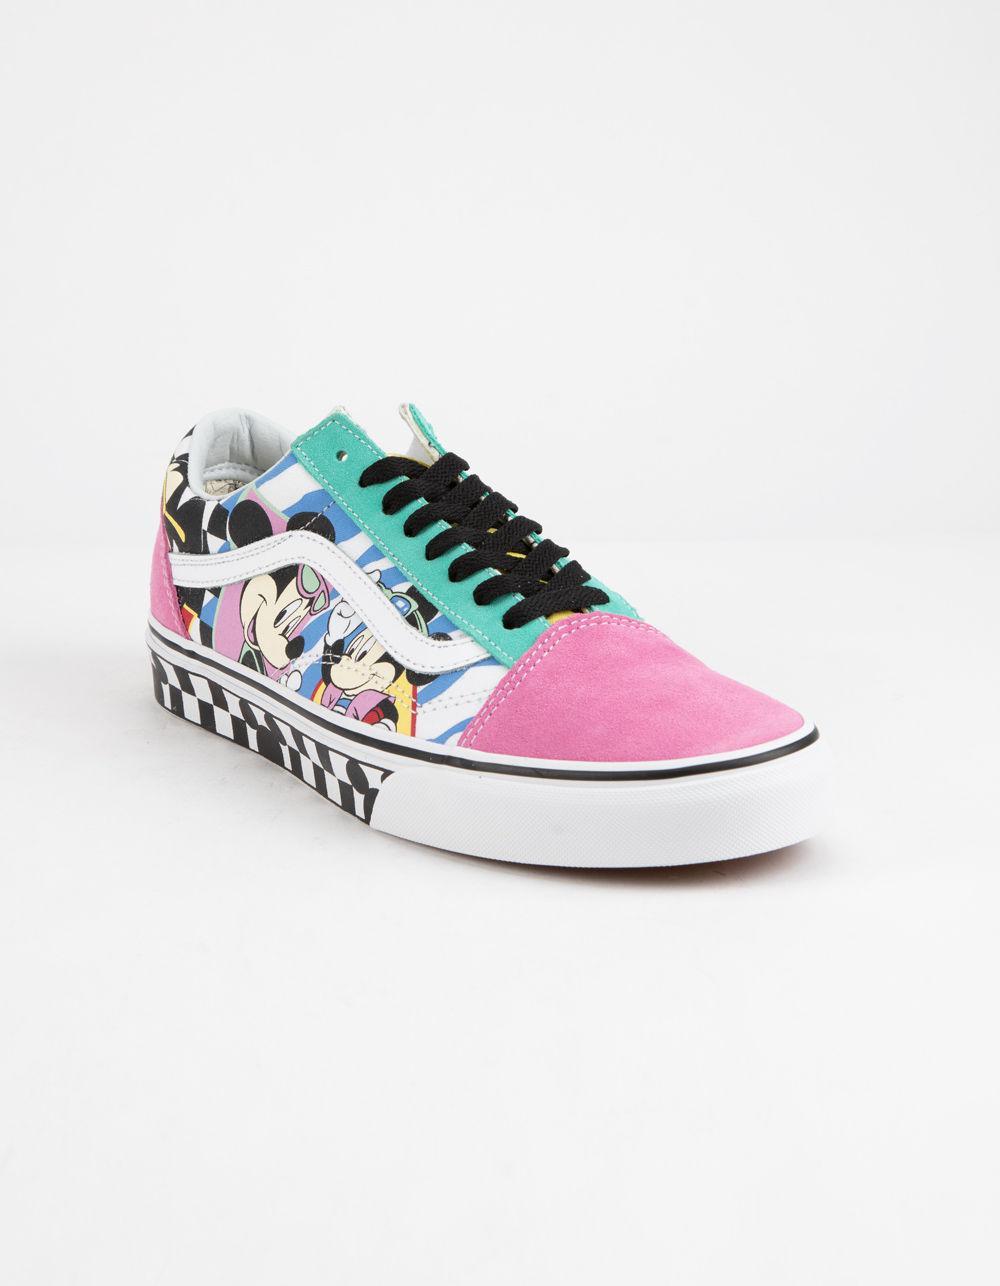 disney x vans old skool shoes